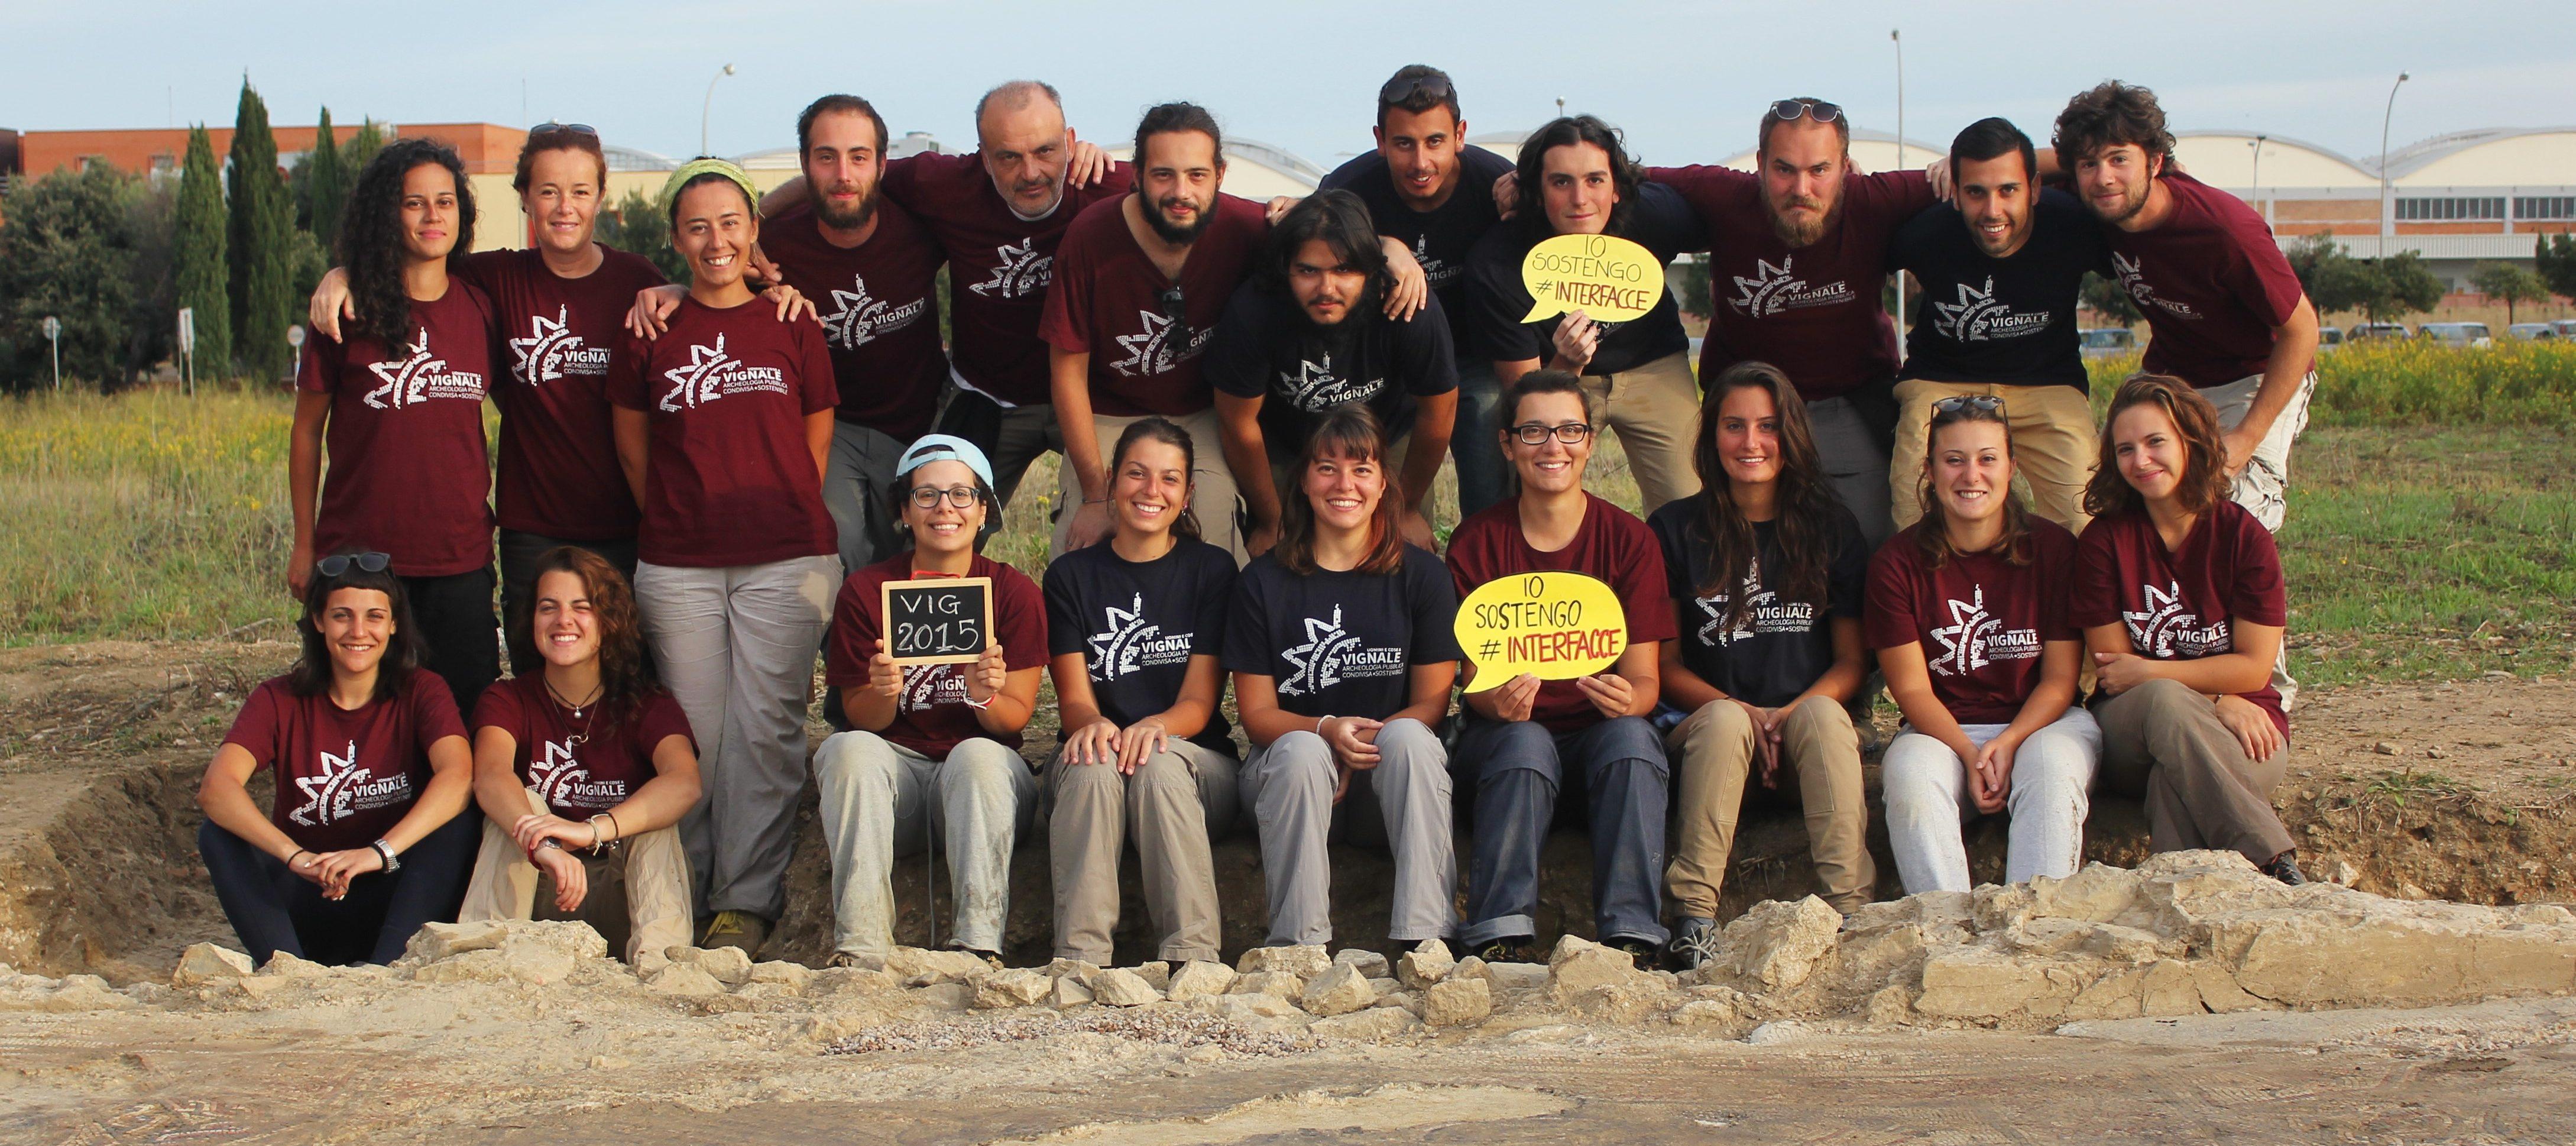 team Vignale 2015